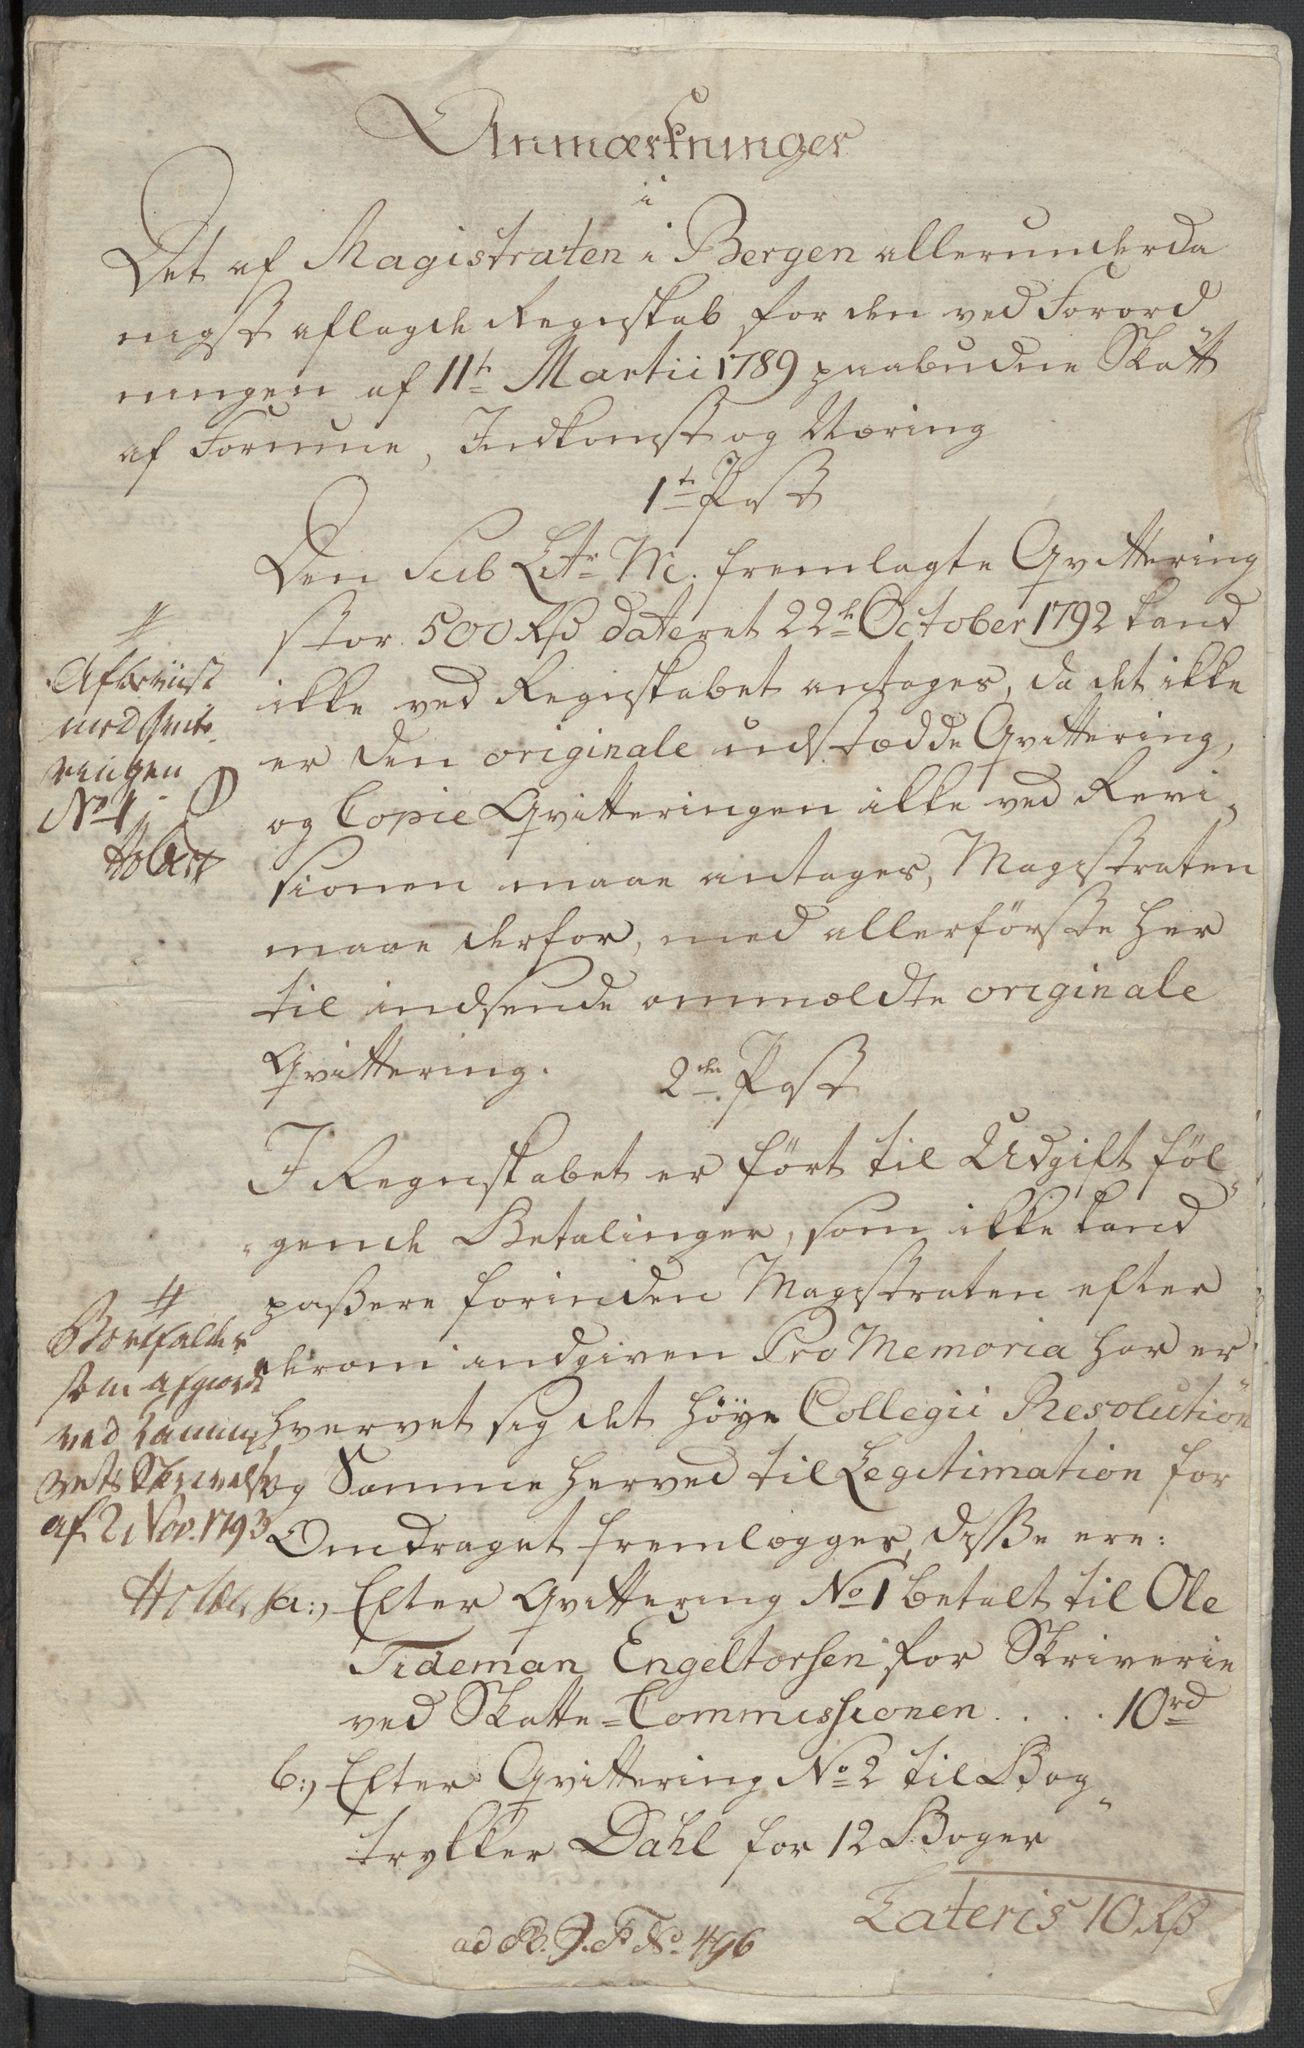 RA, Rentekammeret inntil 1814, Reviderte regnskaper, Mindre regnskaper, Rf/Rfe/L0002: Arendal. Bergen, 1789, s. 39